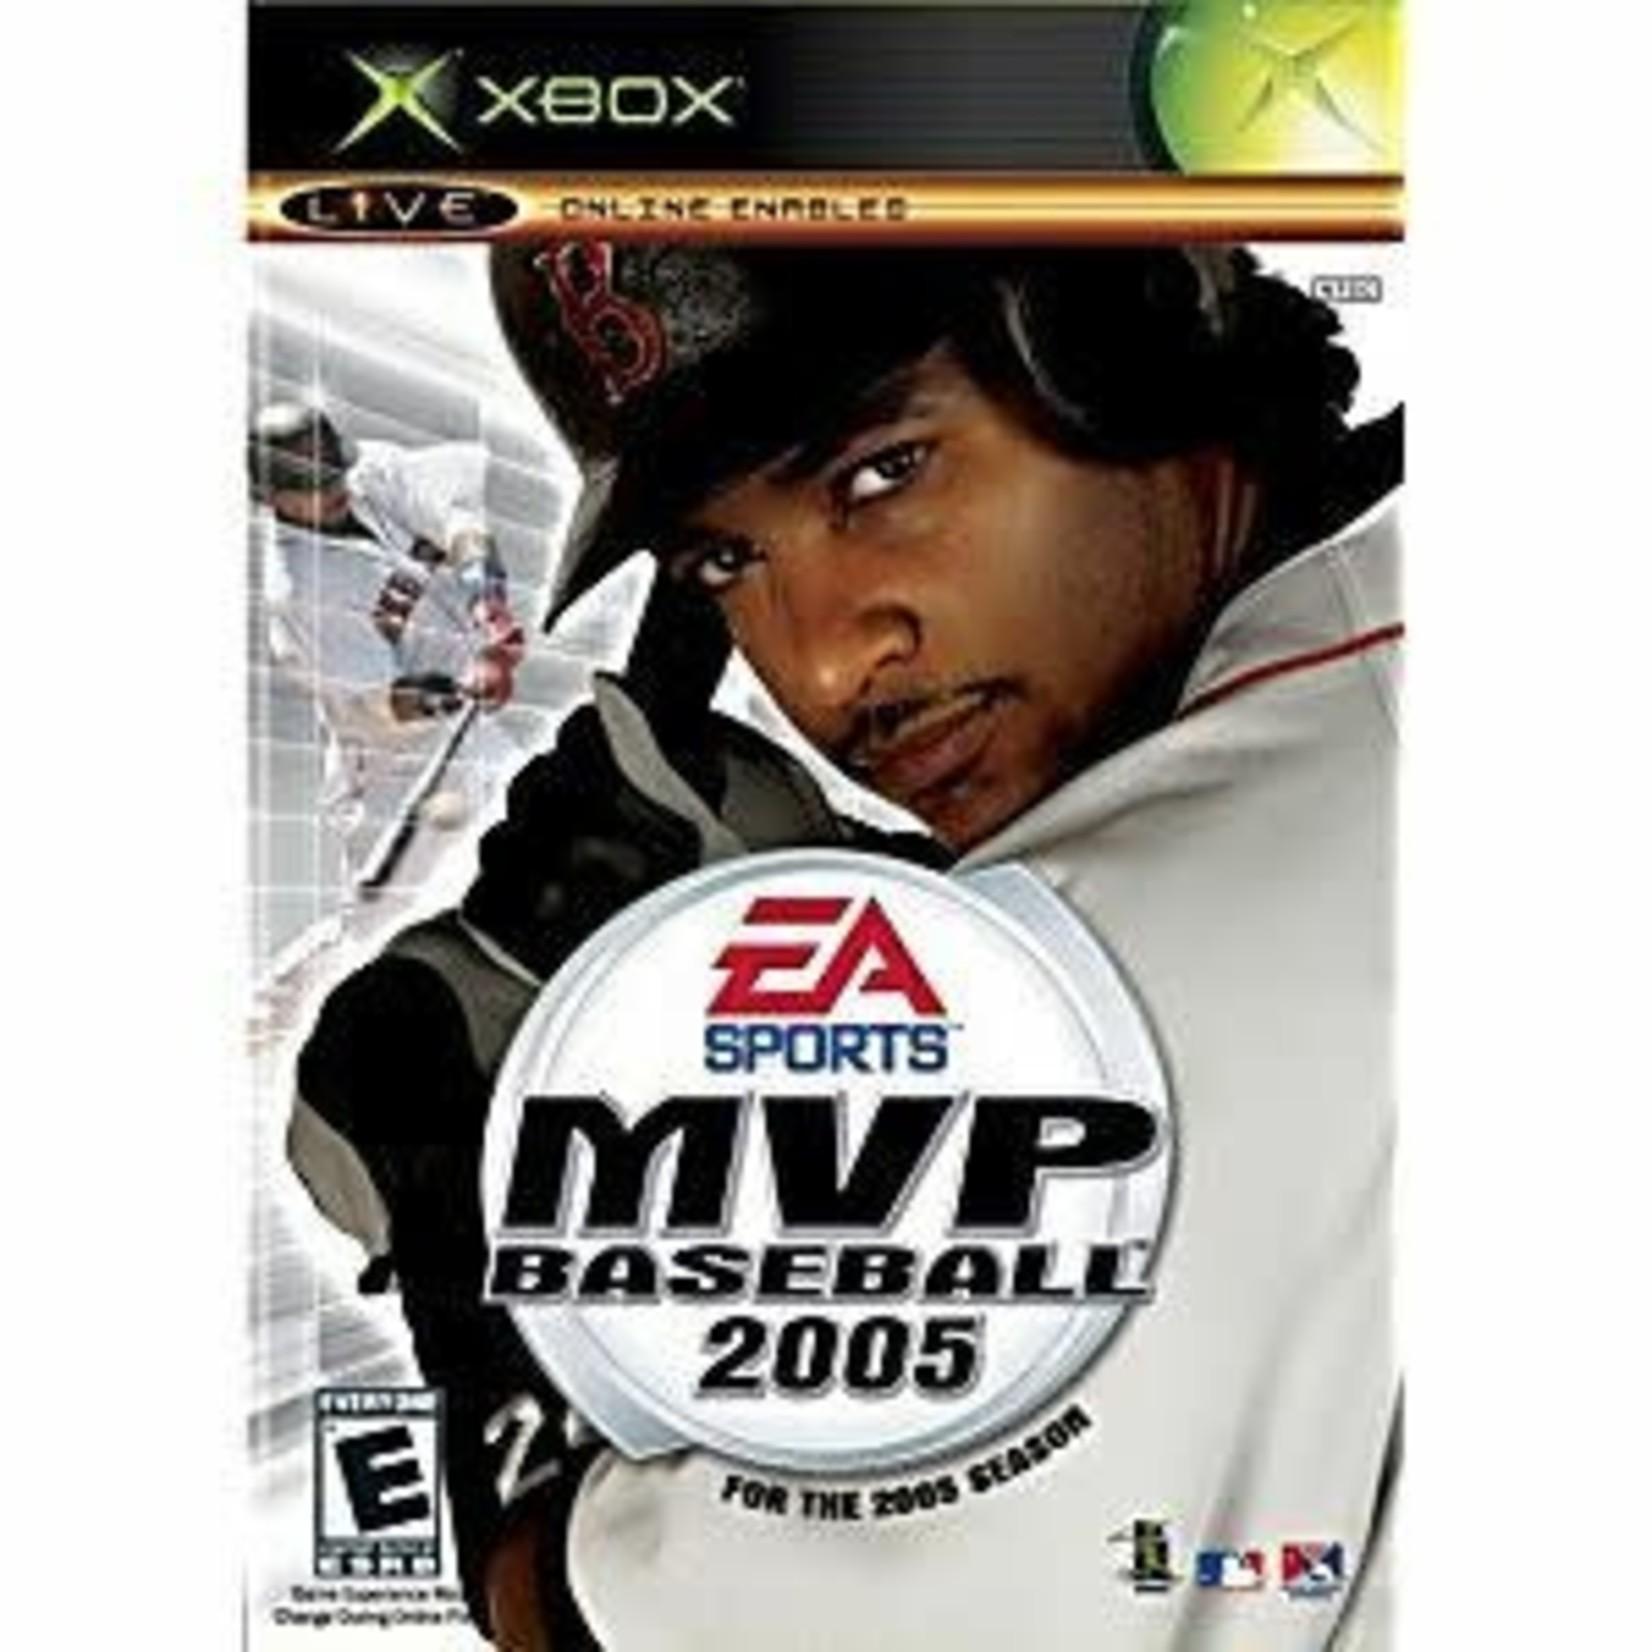 XBU-MVP Baseball 2005